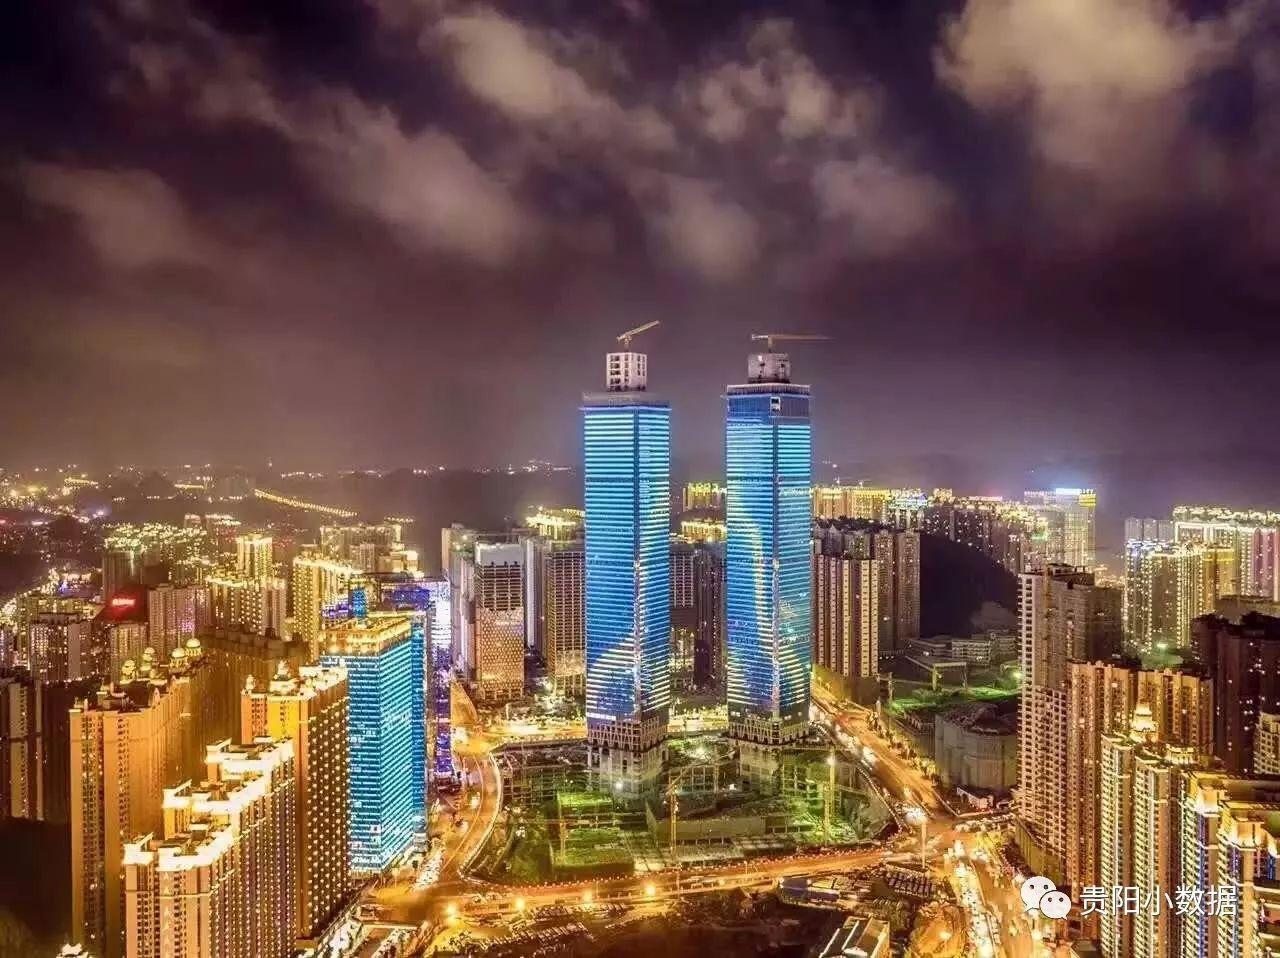 贵阳建设实录高楼迷论坛 贵阳2020在建高楼图